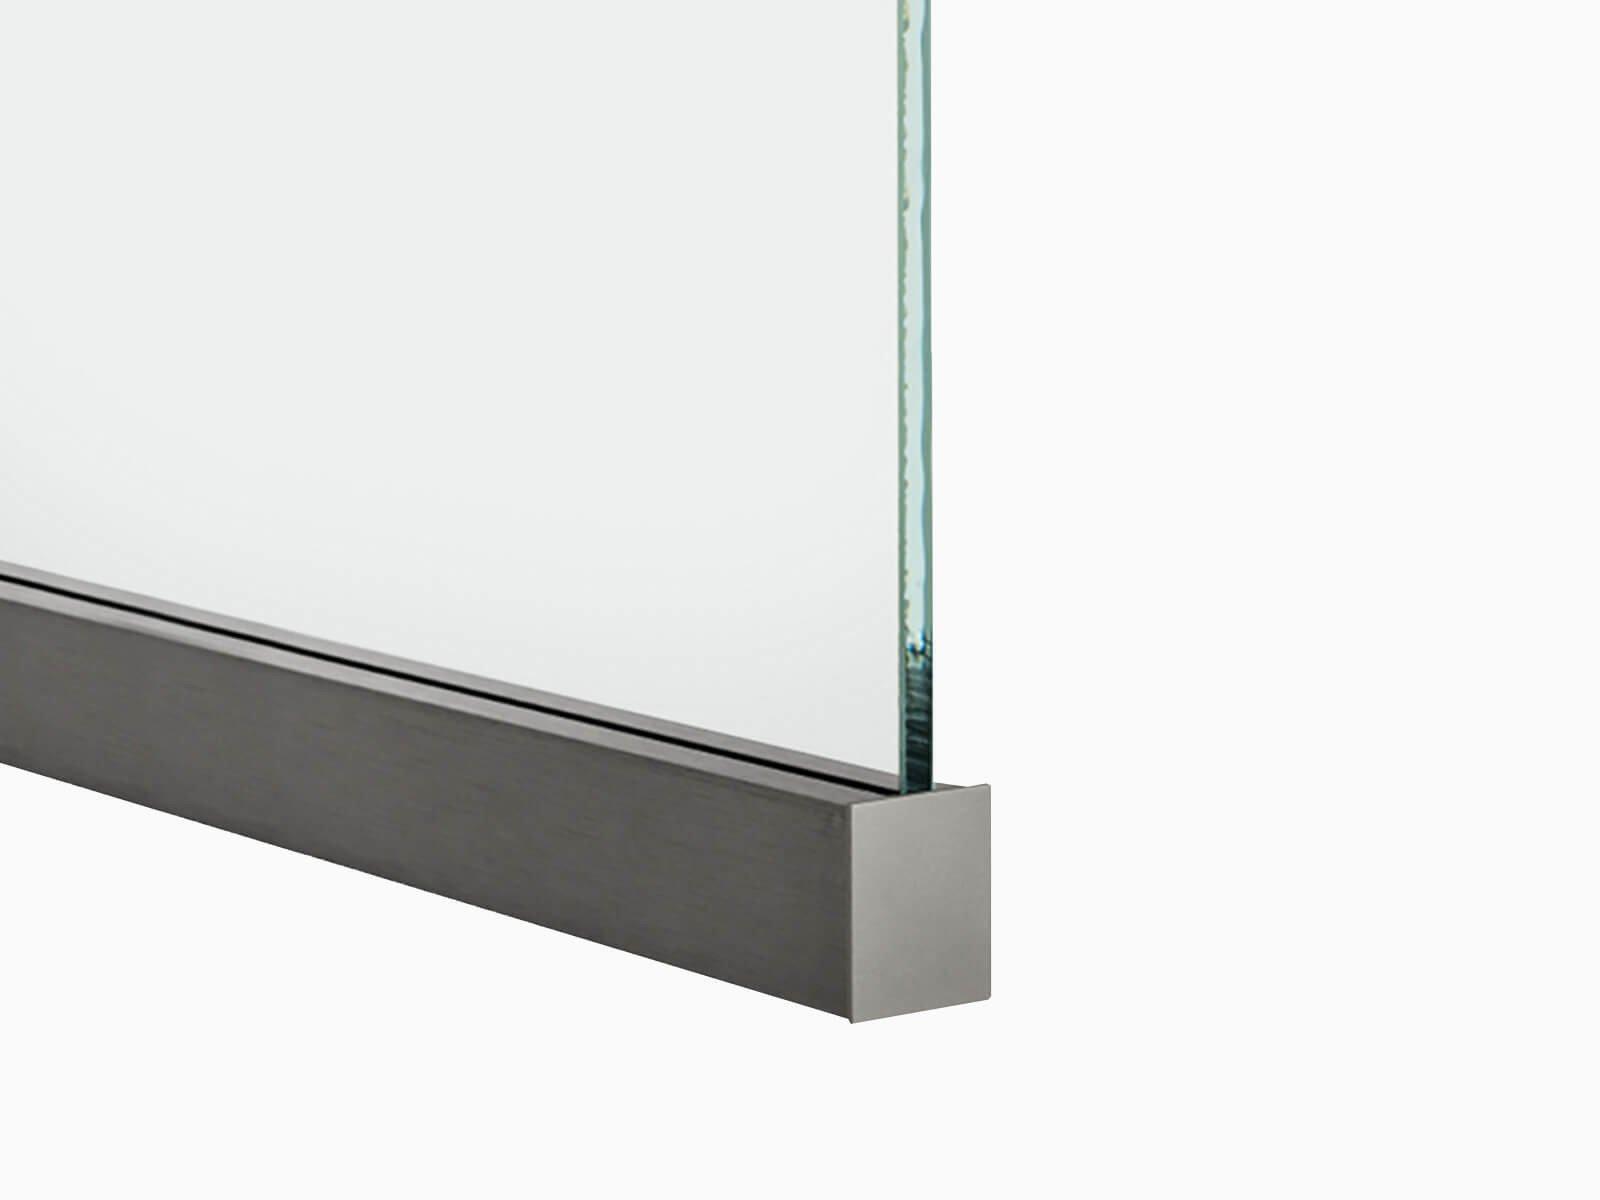 trennwand-profil-slim-mit-glasscheibe